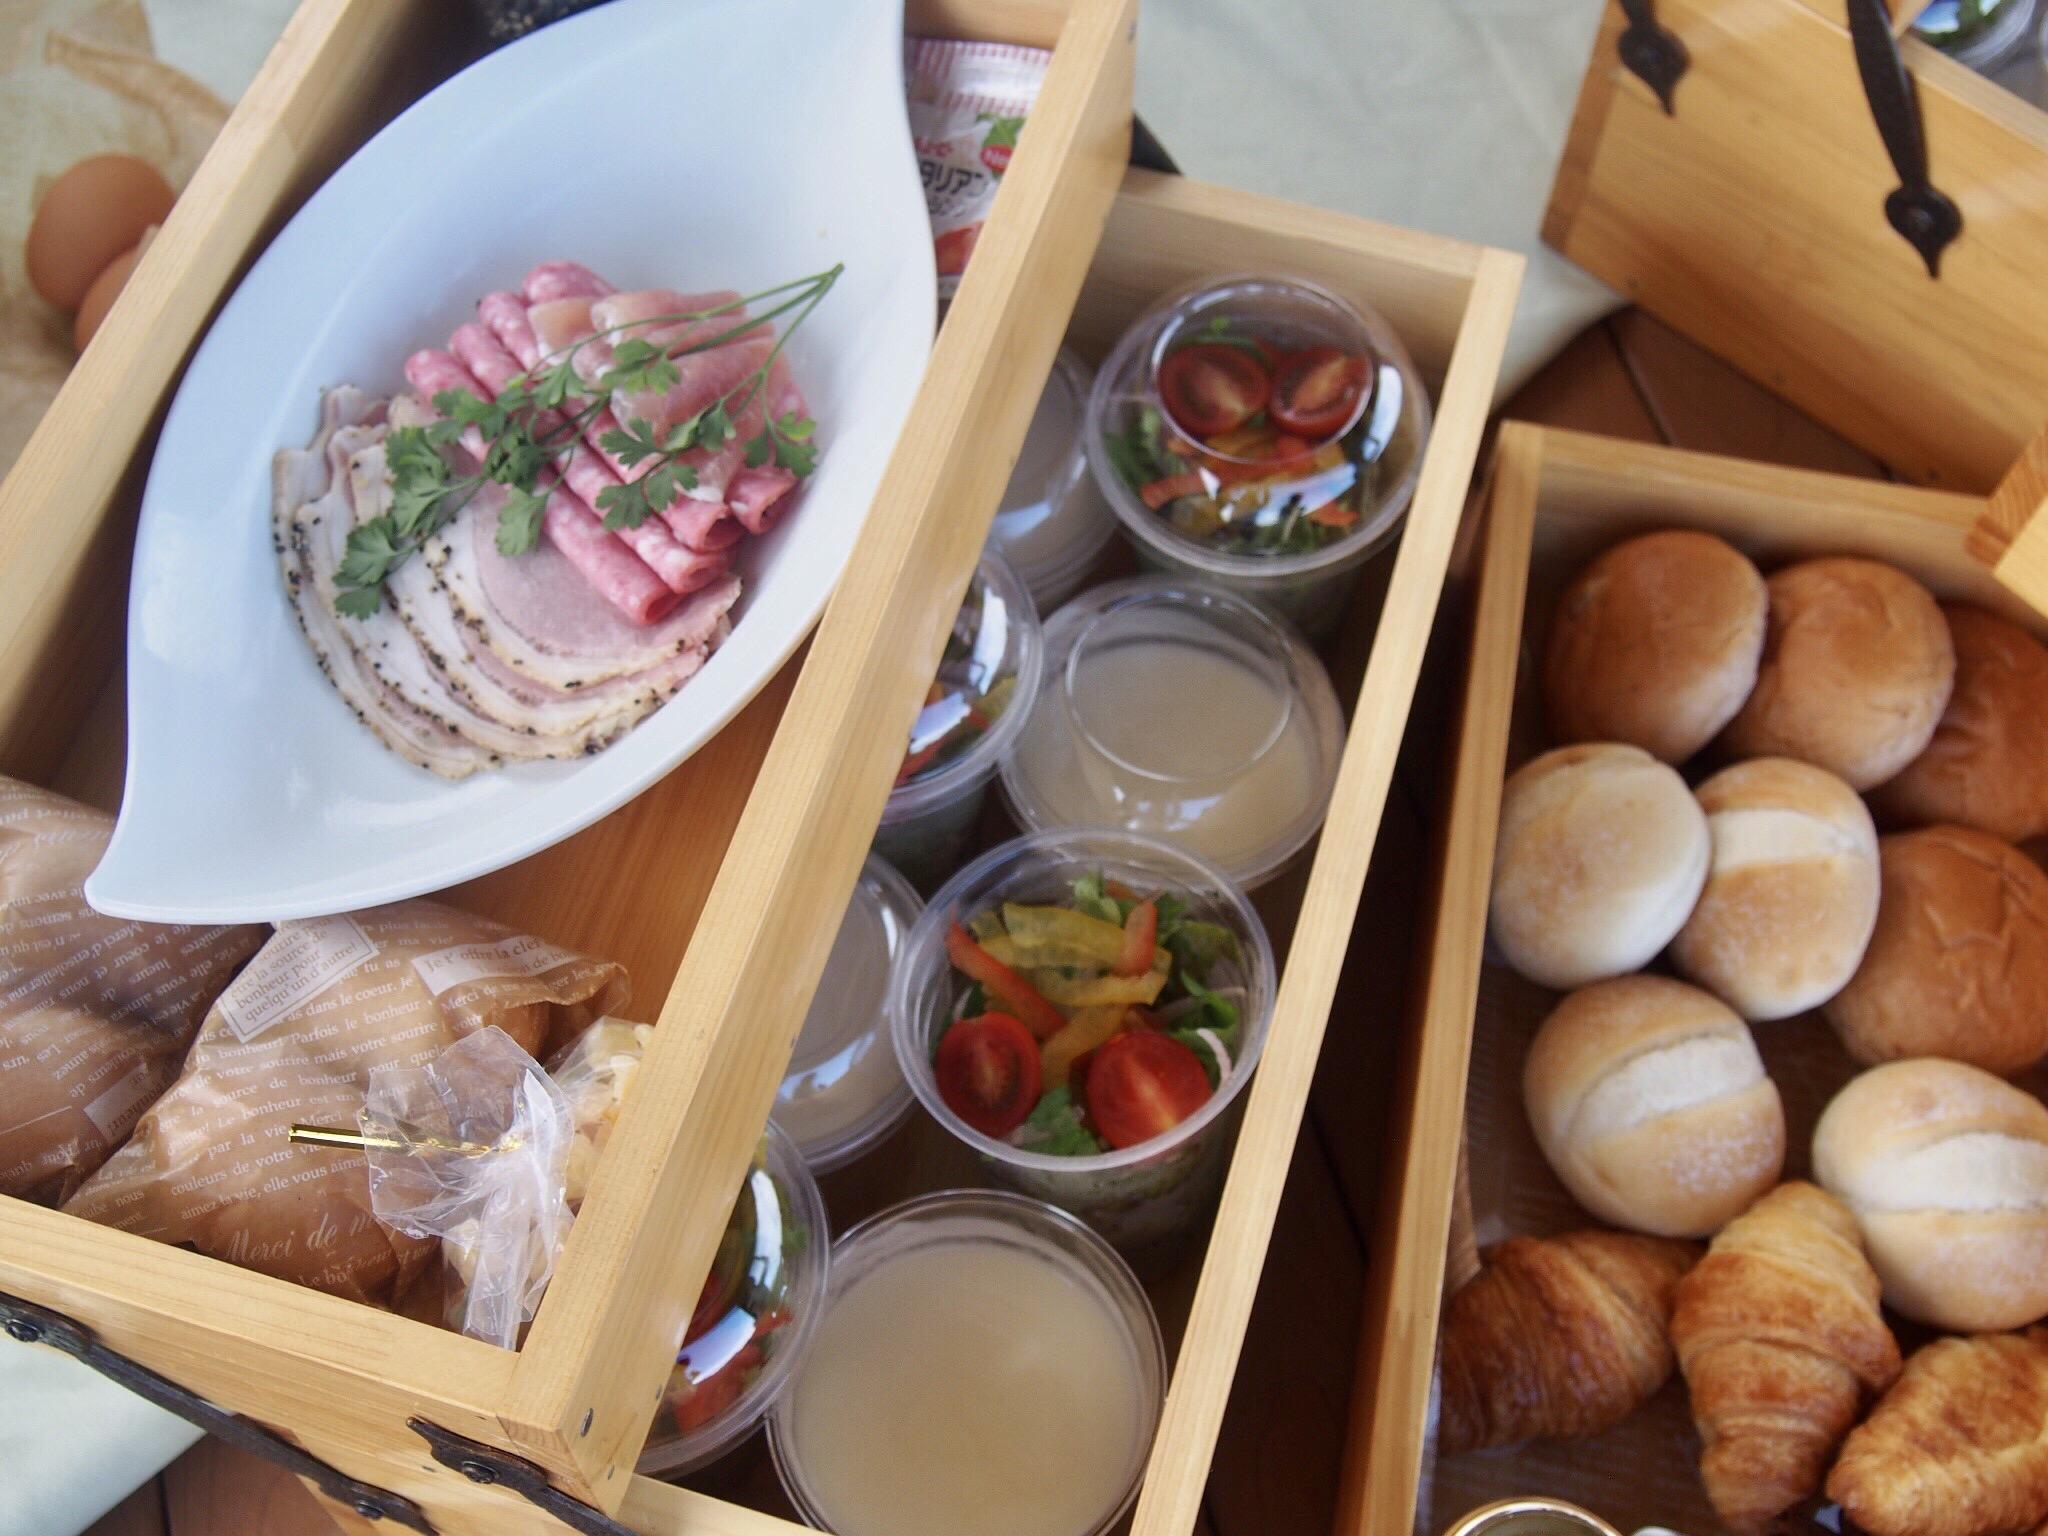 絶景!妙義山とラグジュアリーな朝食で素敵な1日のはじまりを